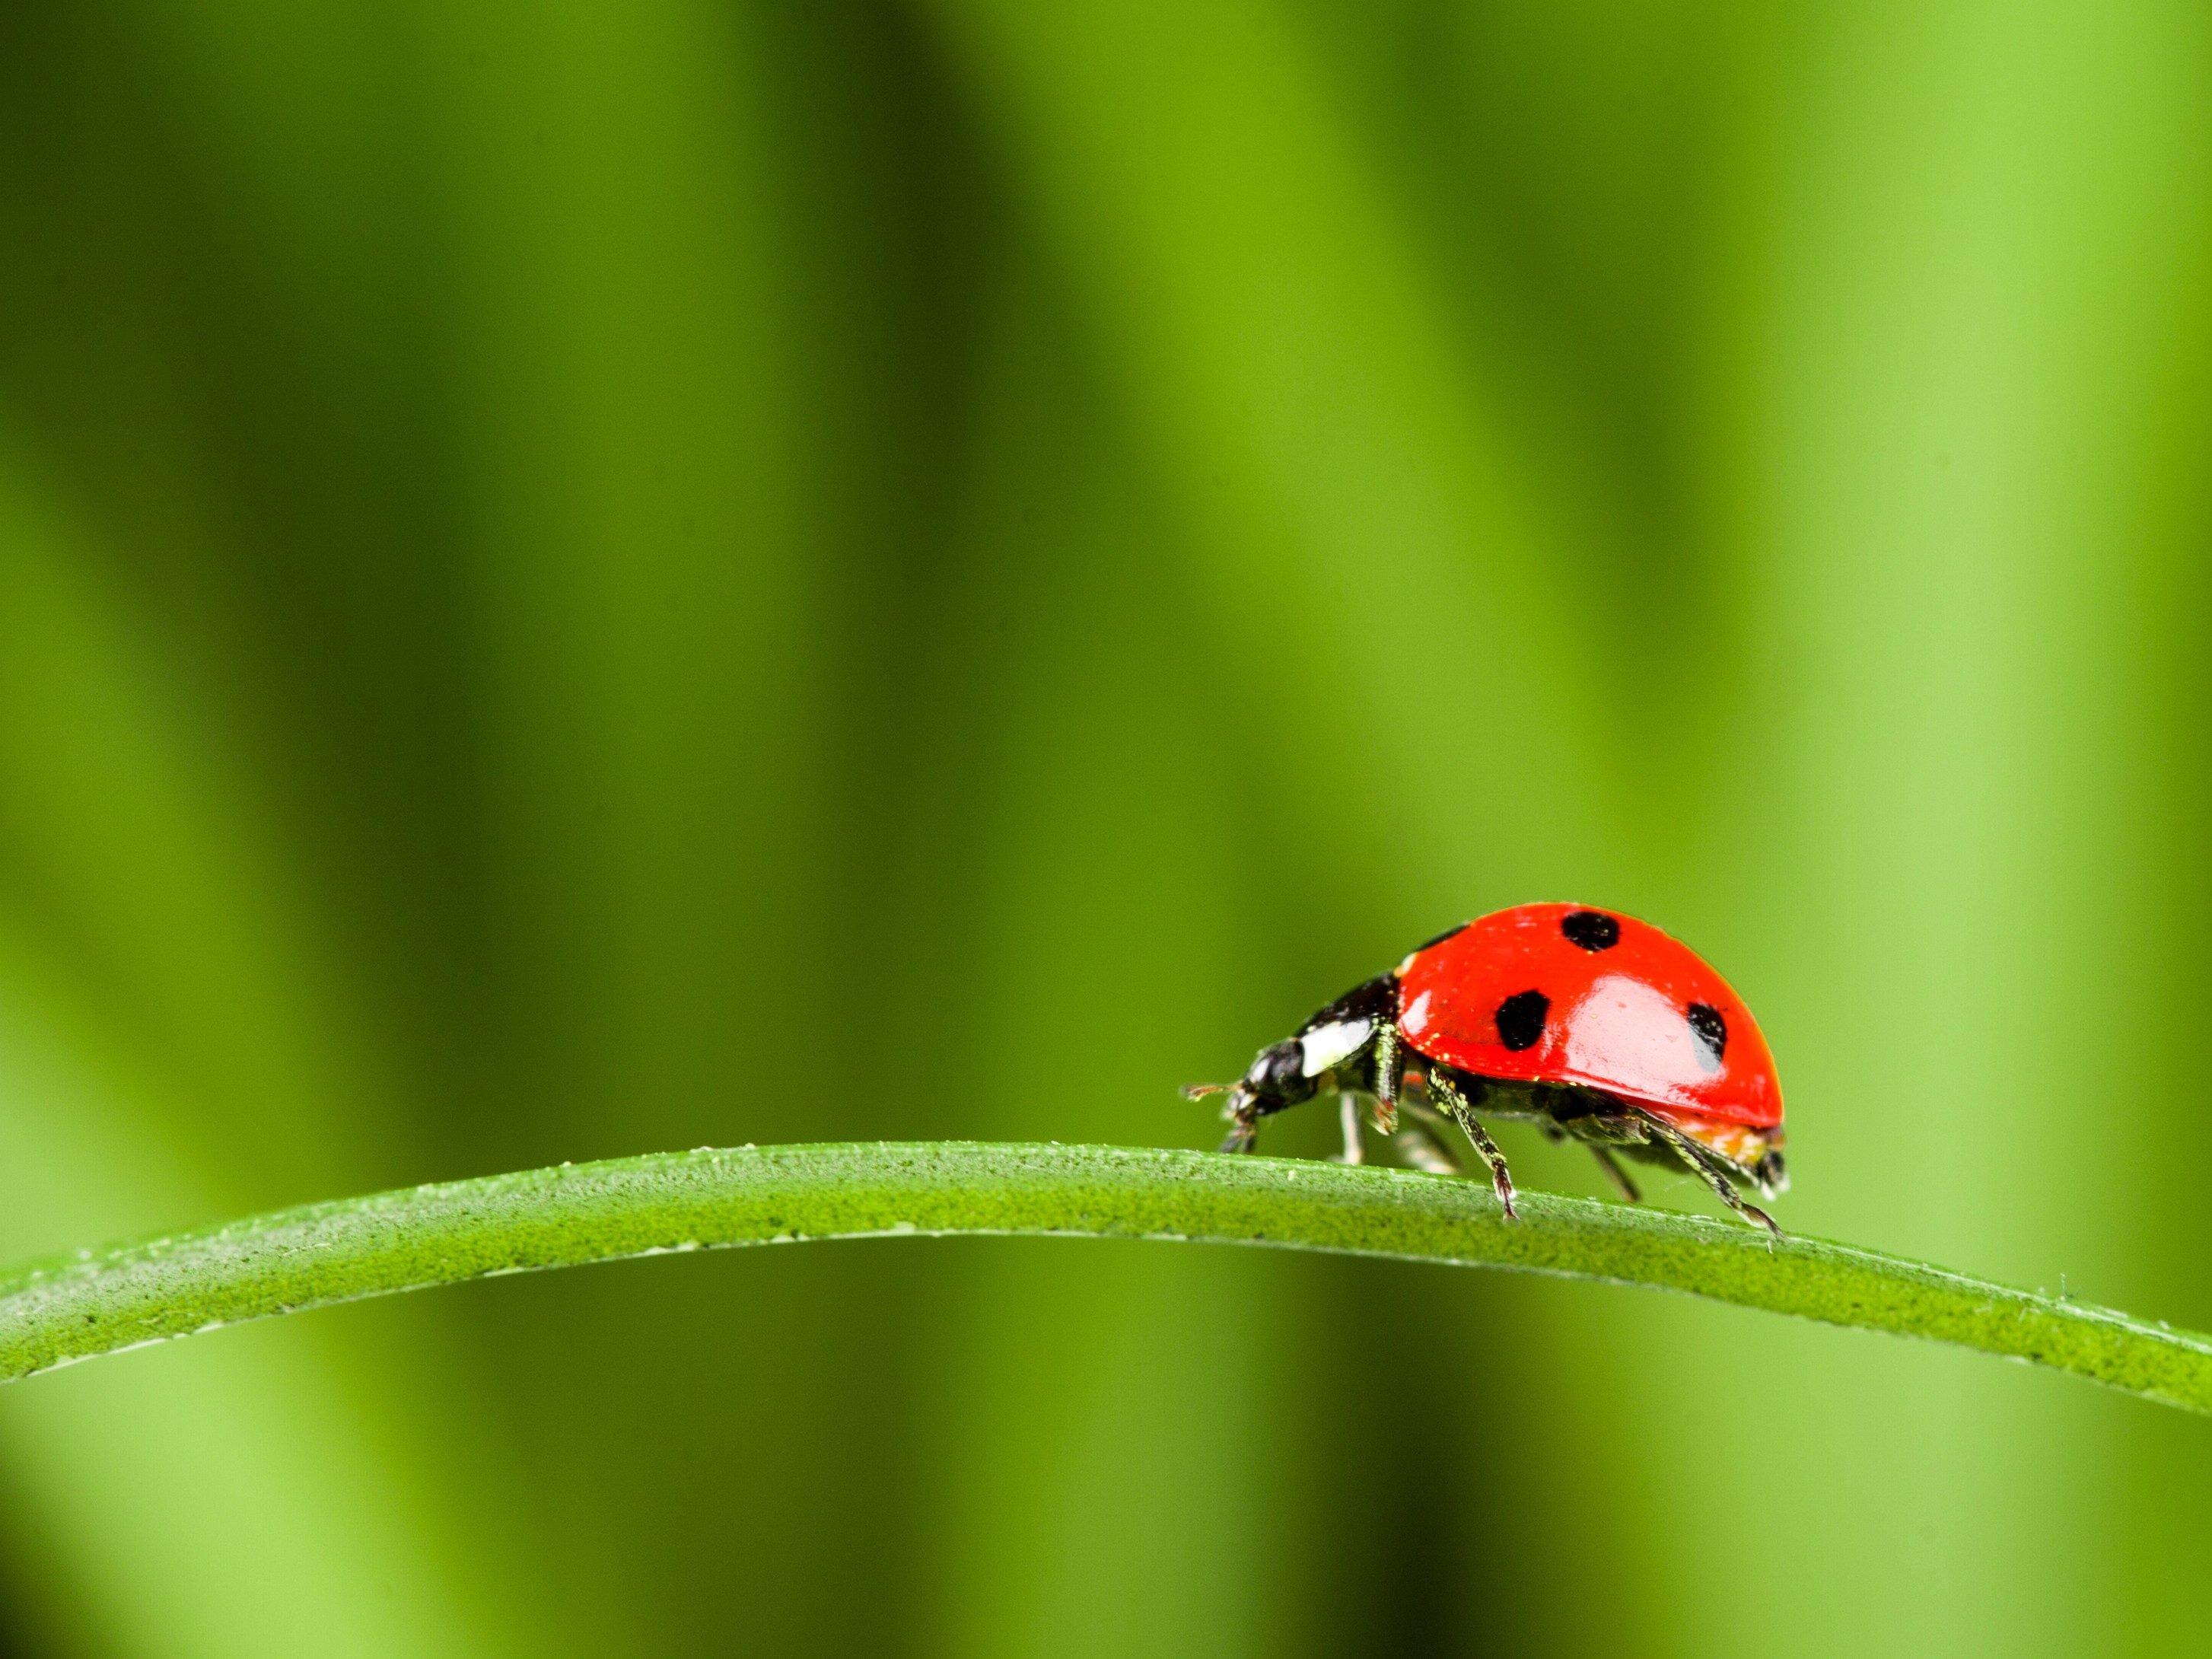 2. Ladybugs